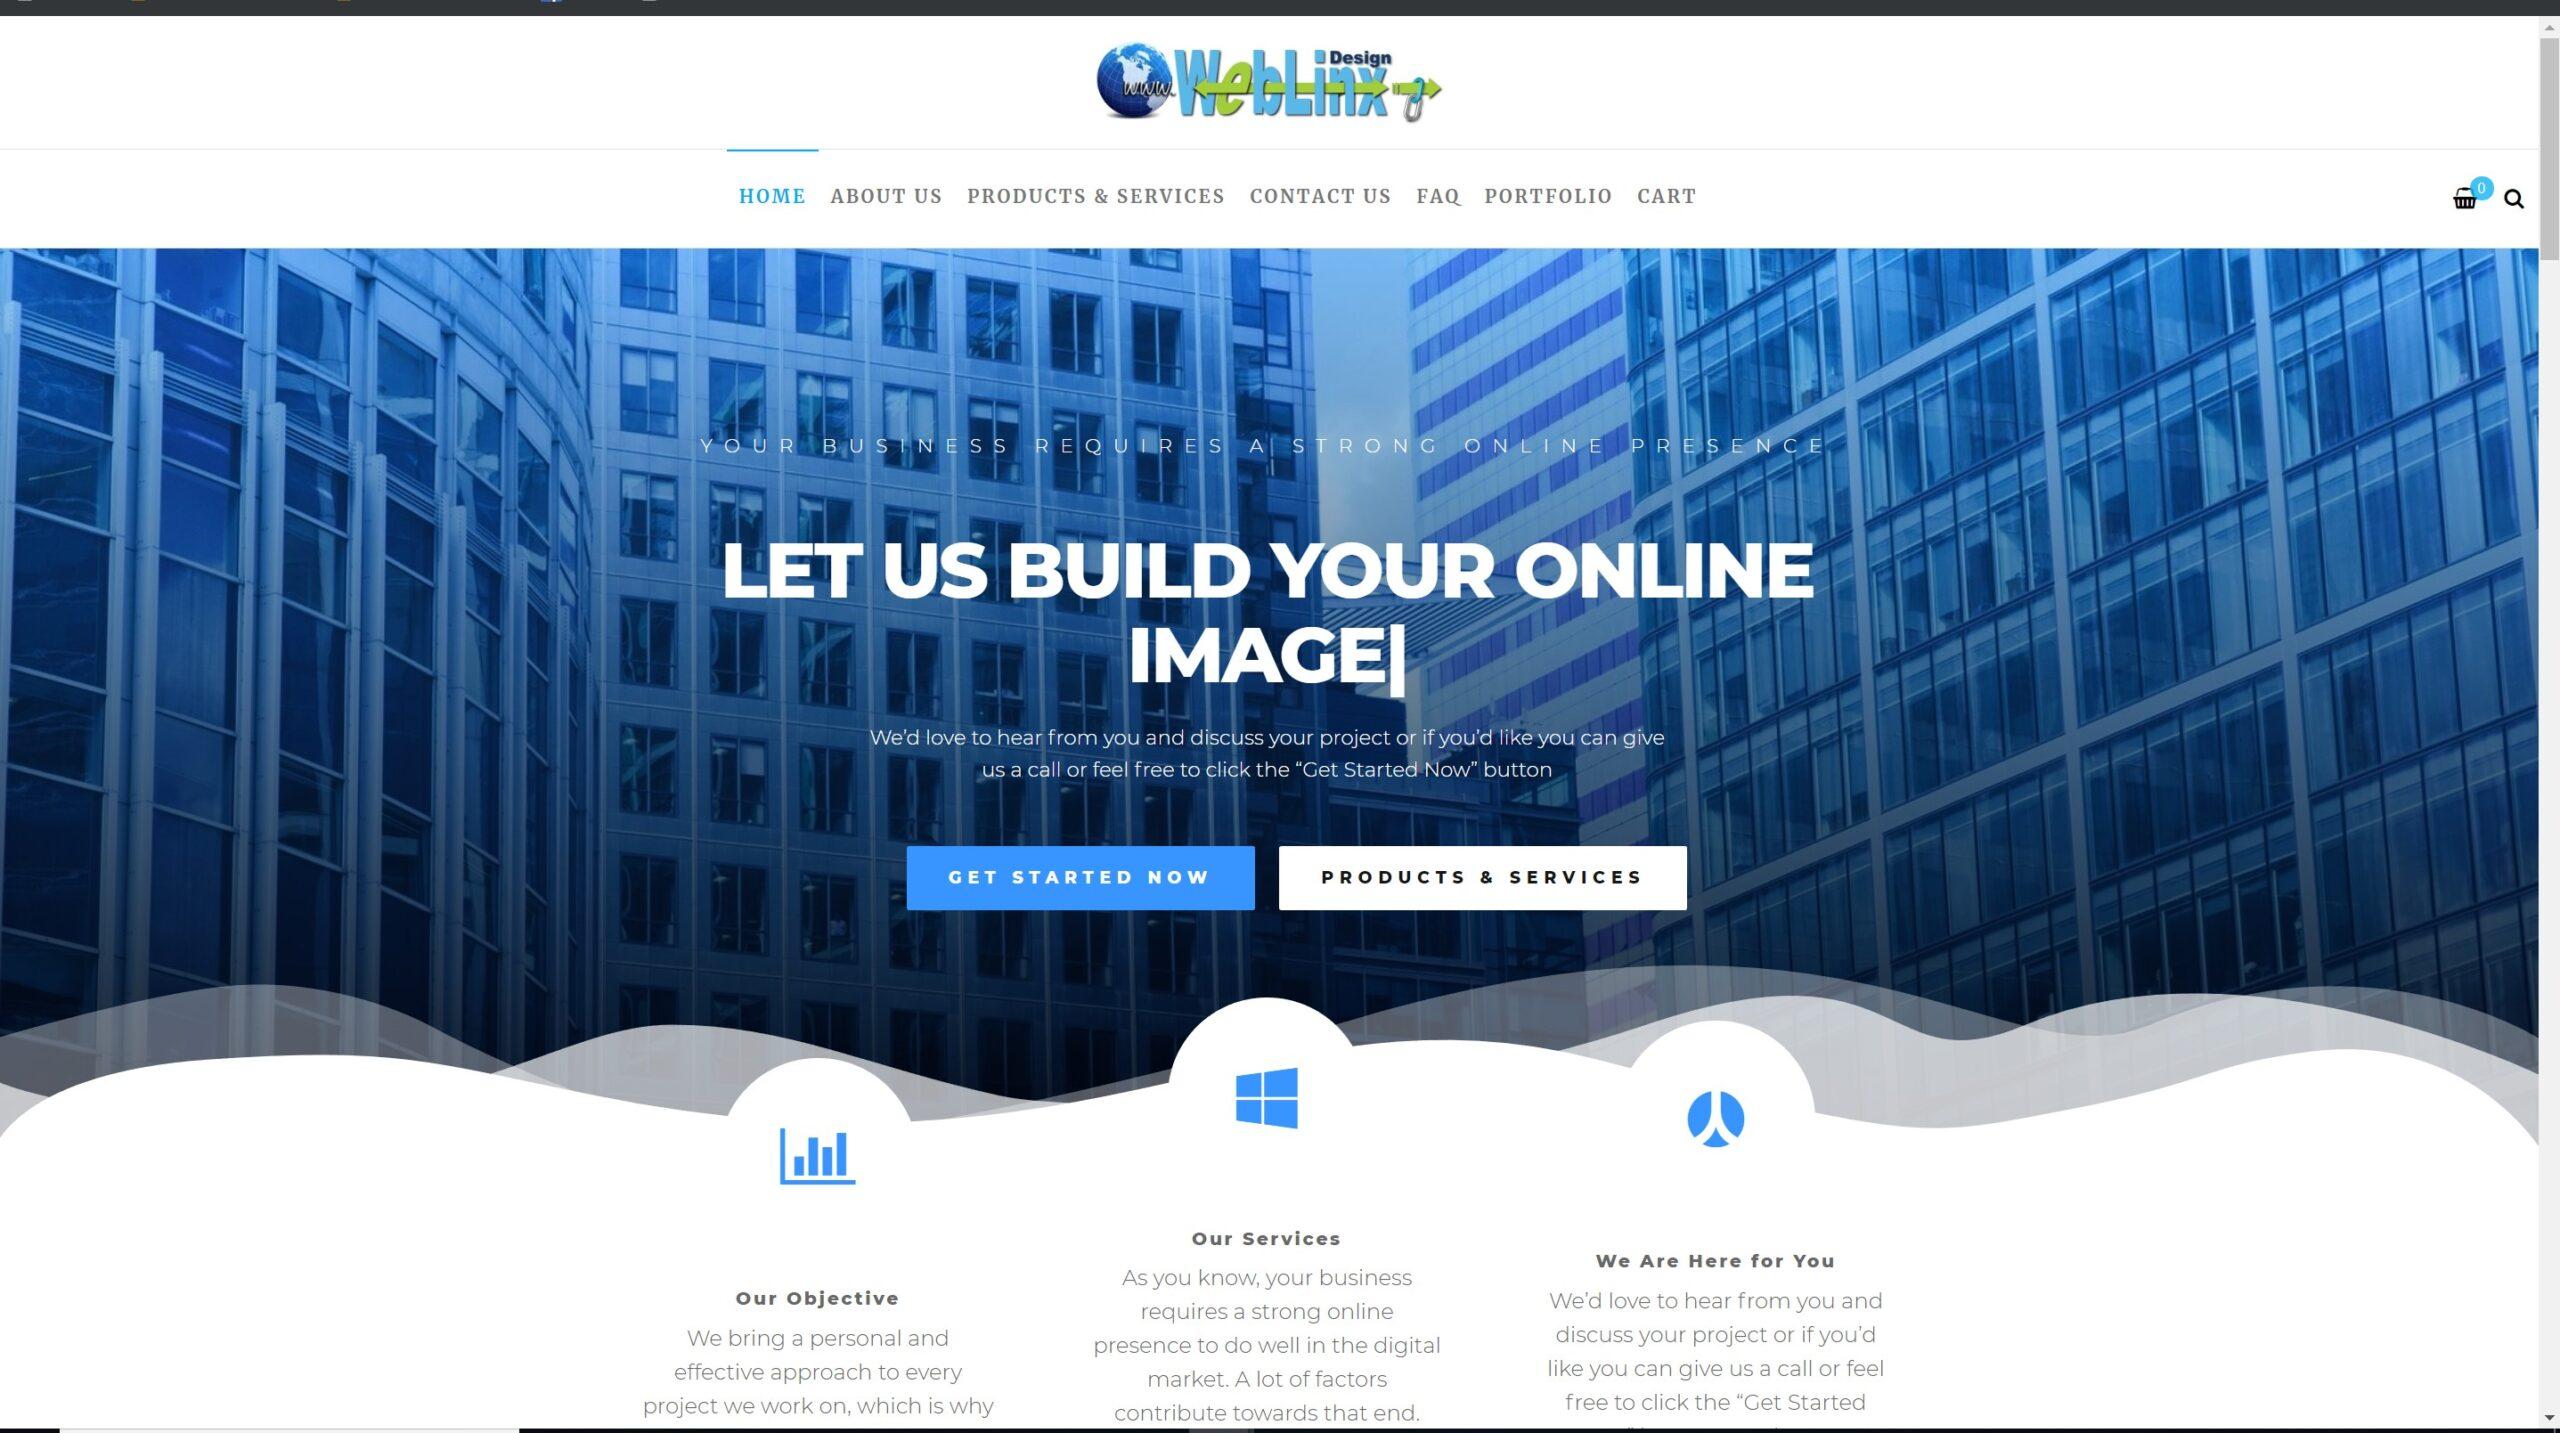 weblinx website 2